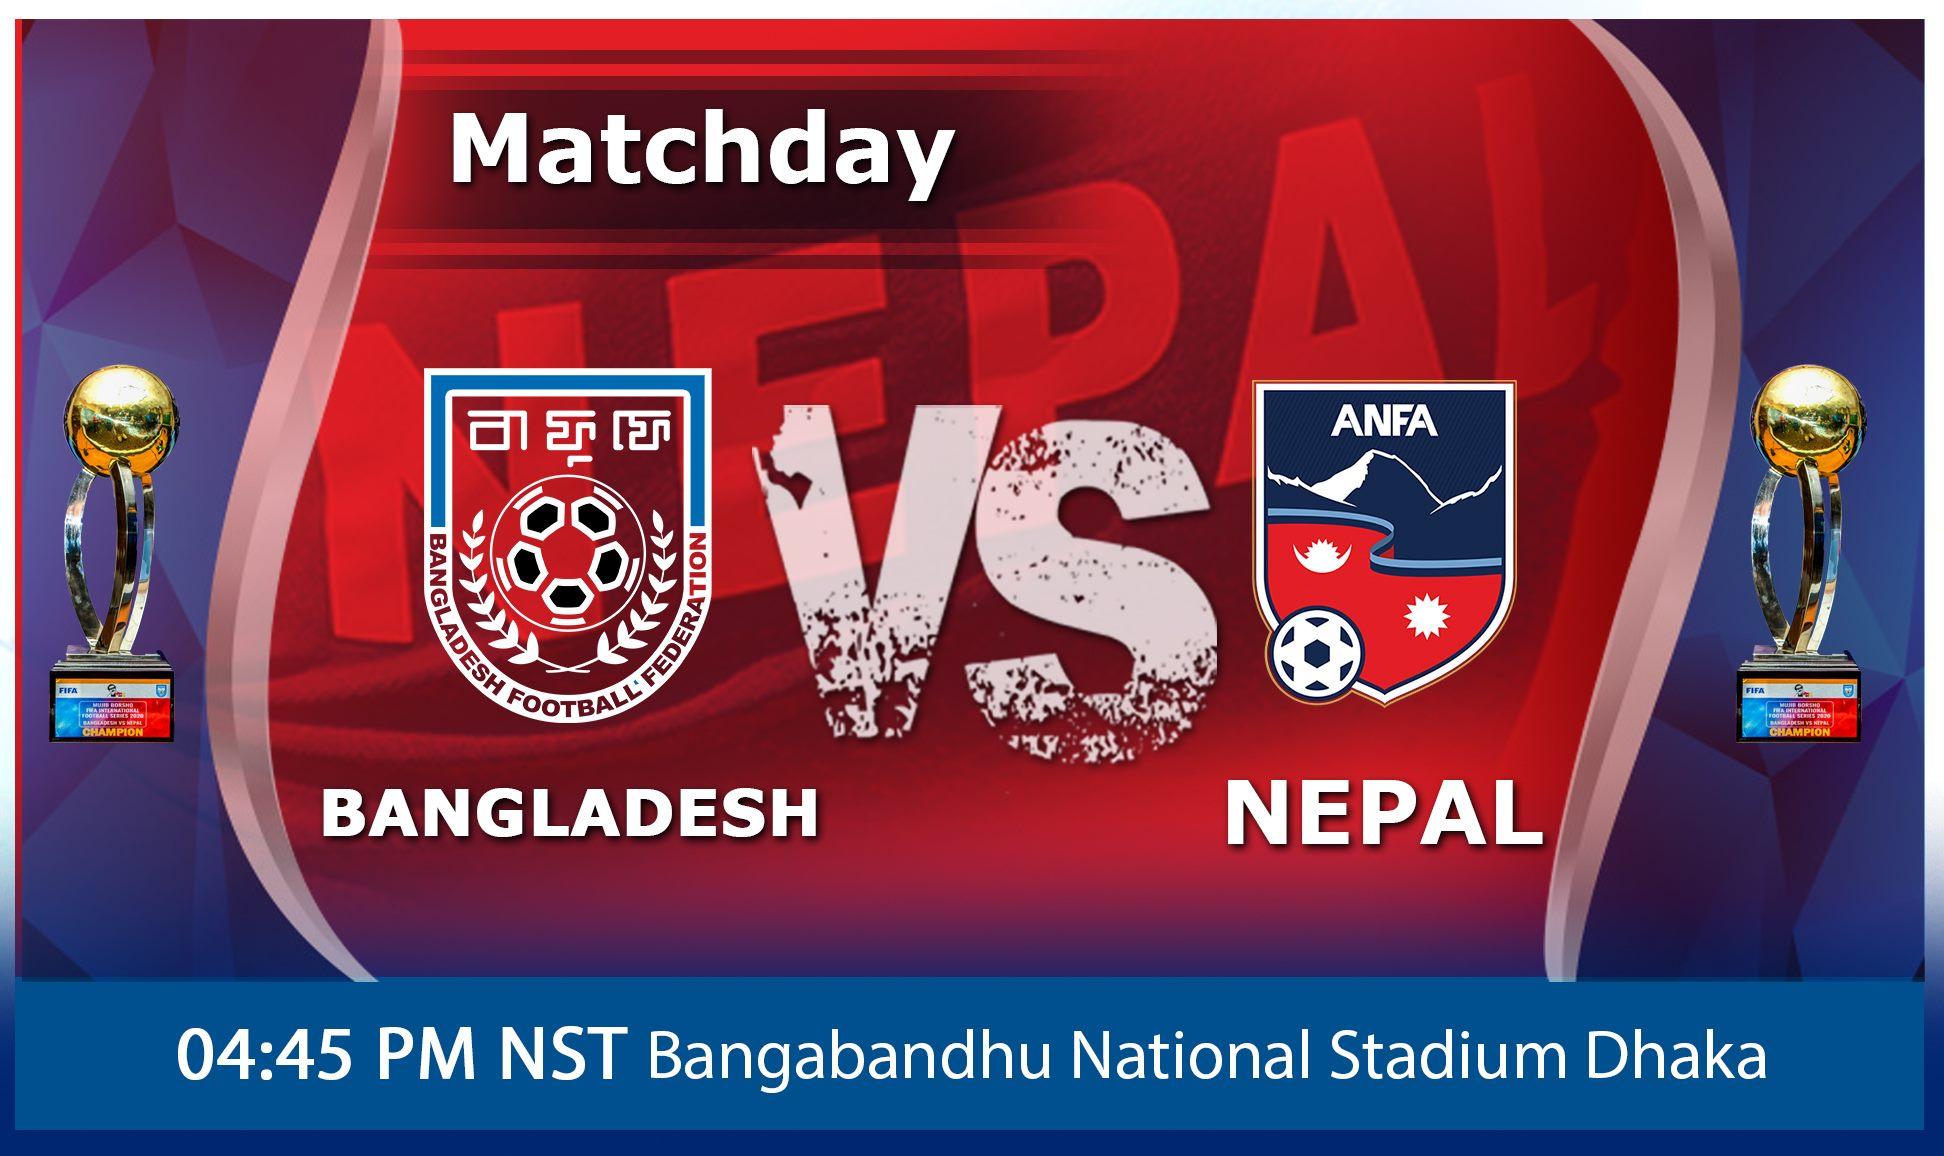 नेपाल र बंगलादेशको खेल लाइभ हुने : फेसबुक र युट्युबमा यसरी हेरौं